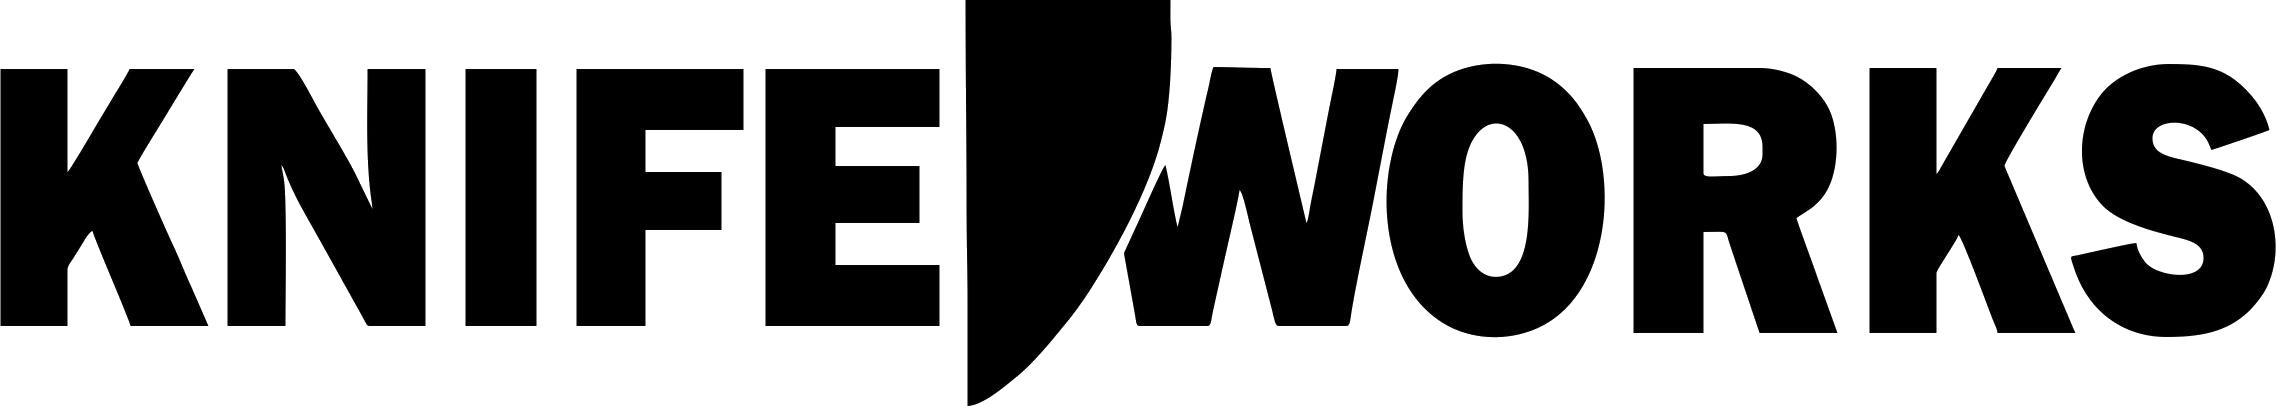 knifeworks-logo-transparent.png